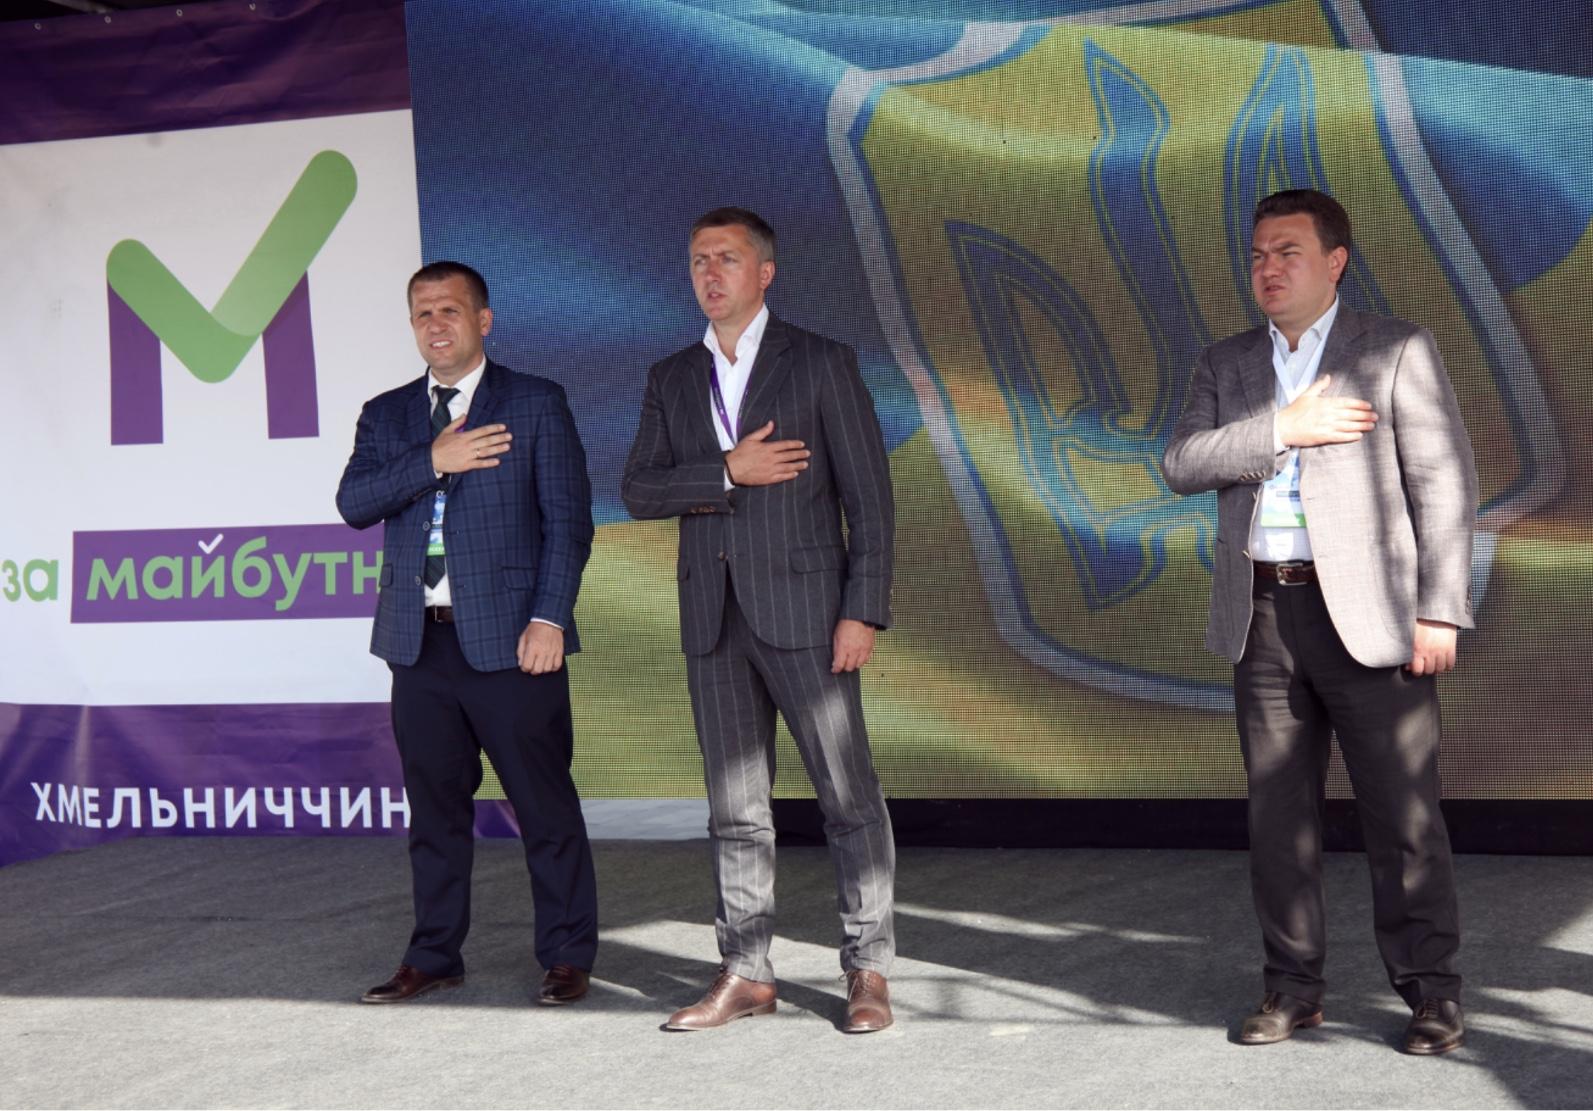 «Настав час розвивати і підіймати країну», – Сергій Лабазюк